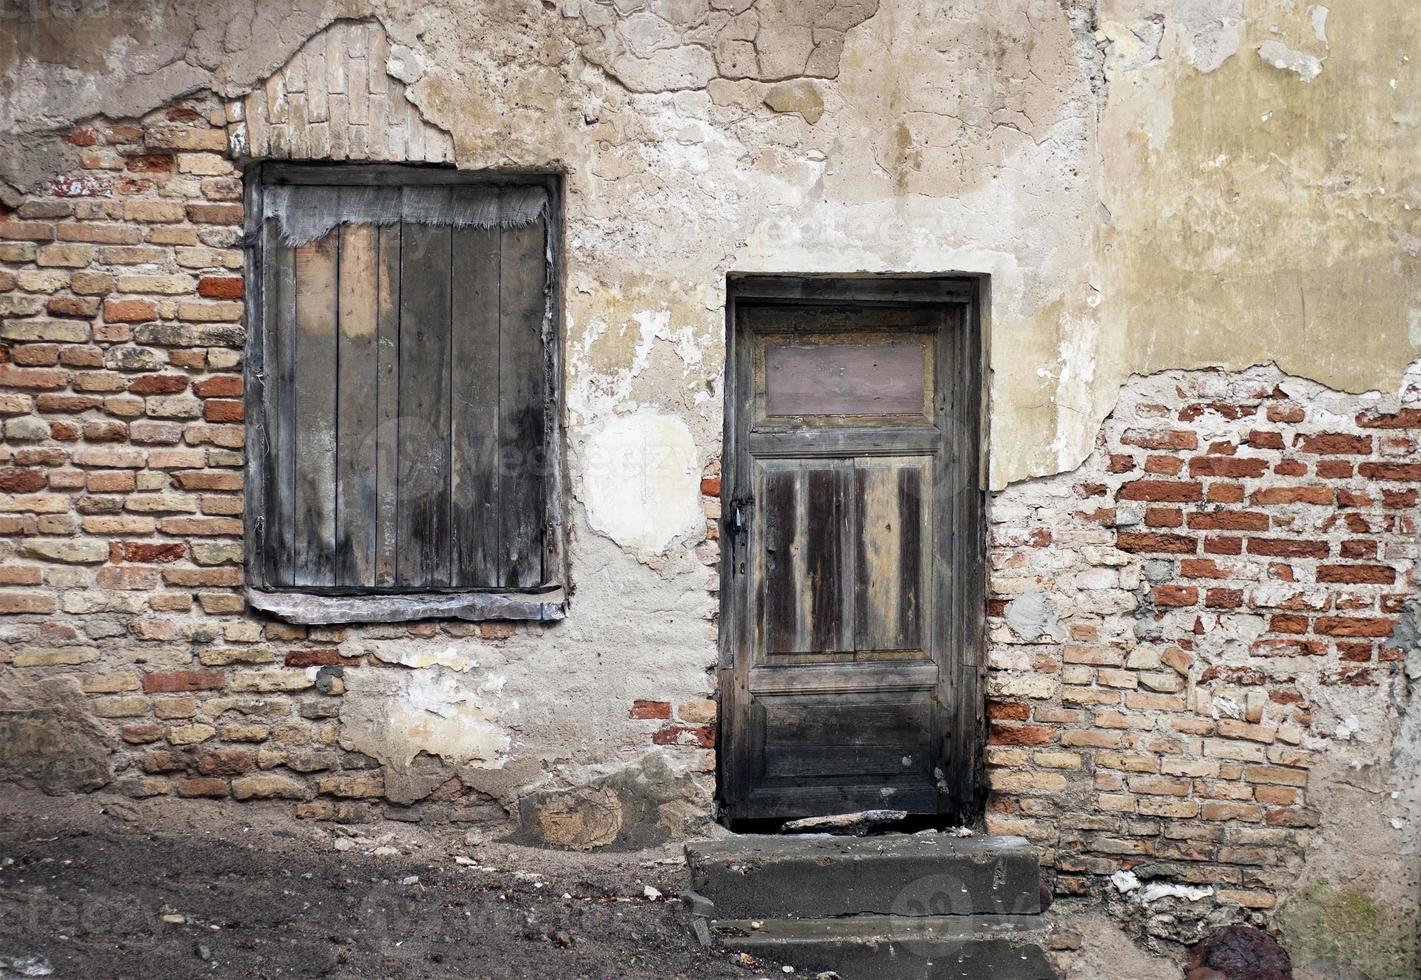 Ventana y puerta antiguas con pared agrietada foto